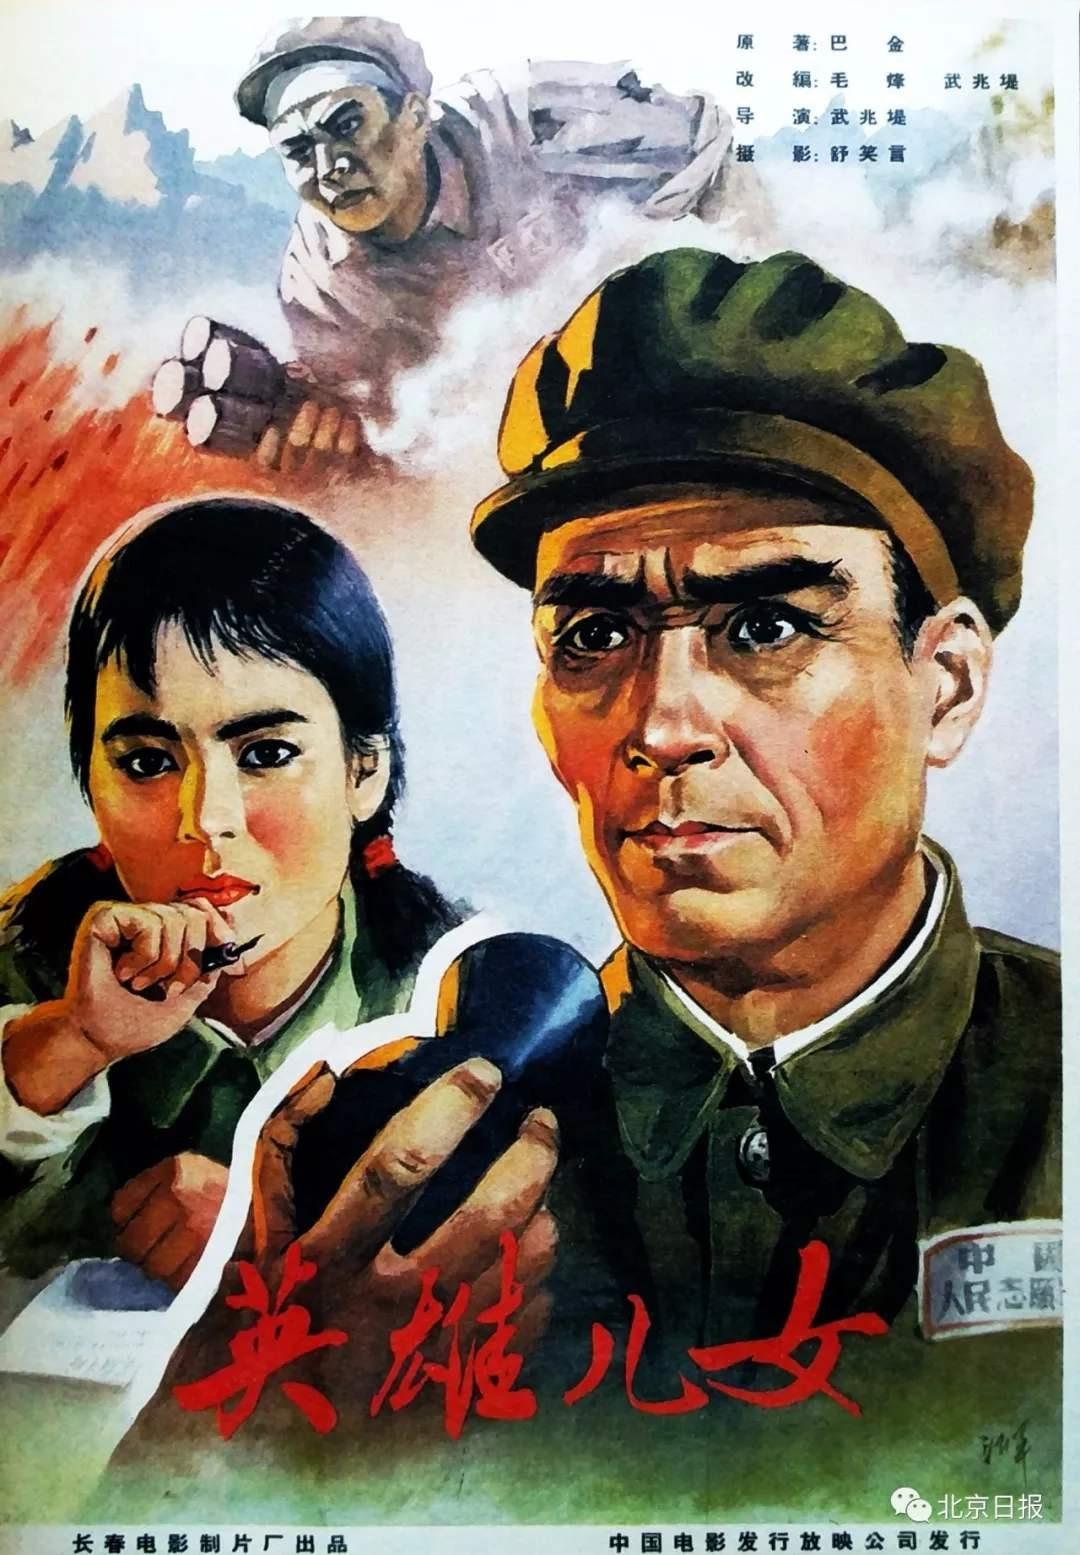 抗美援朝的影音记忆 英雄儿女卫家国 舍生忘死保和平图片